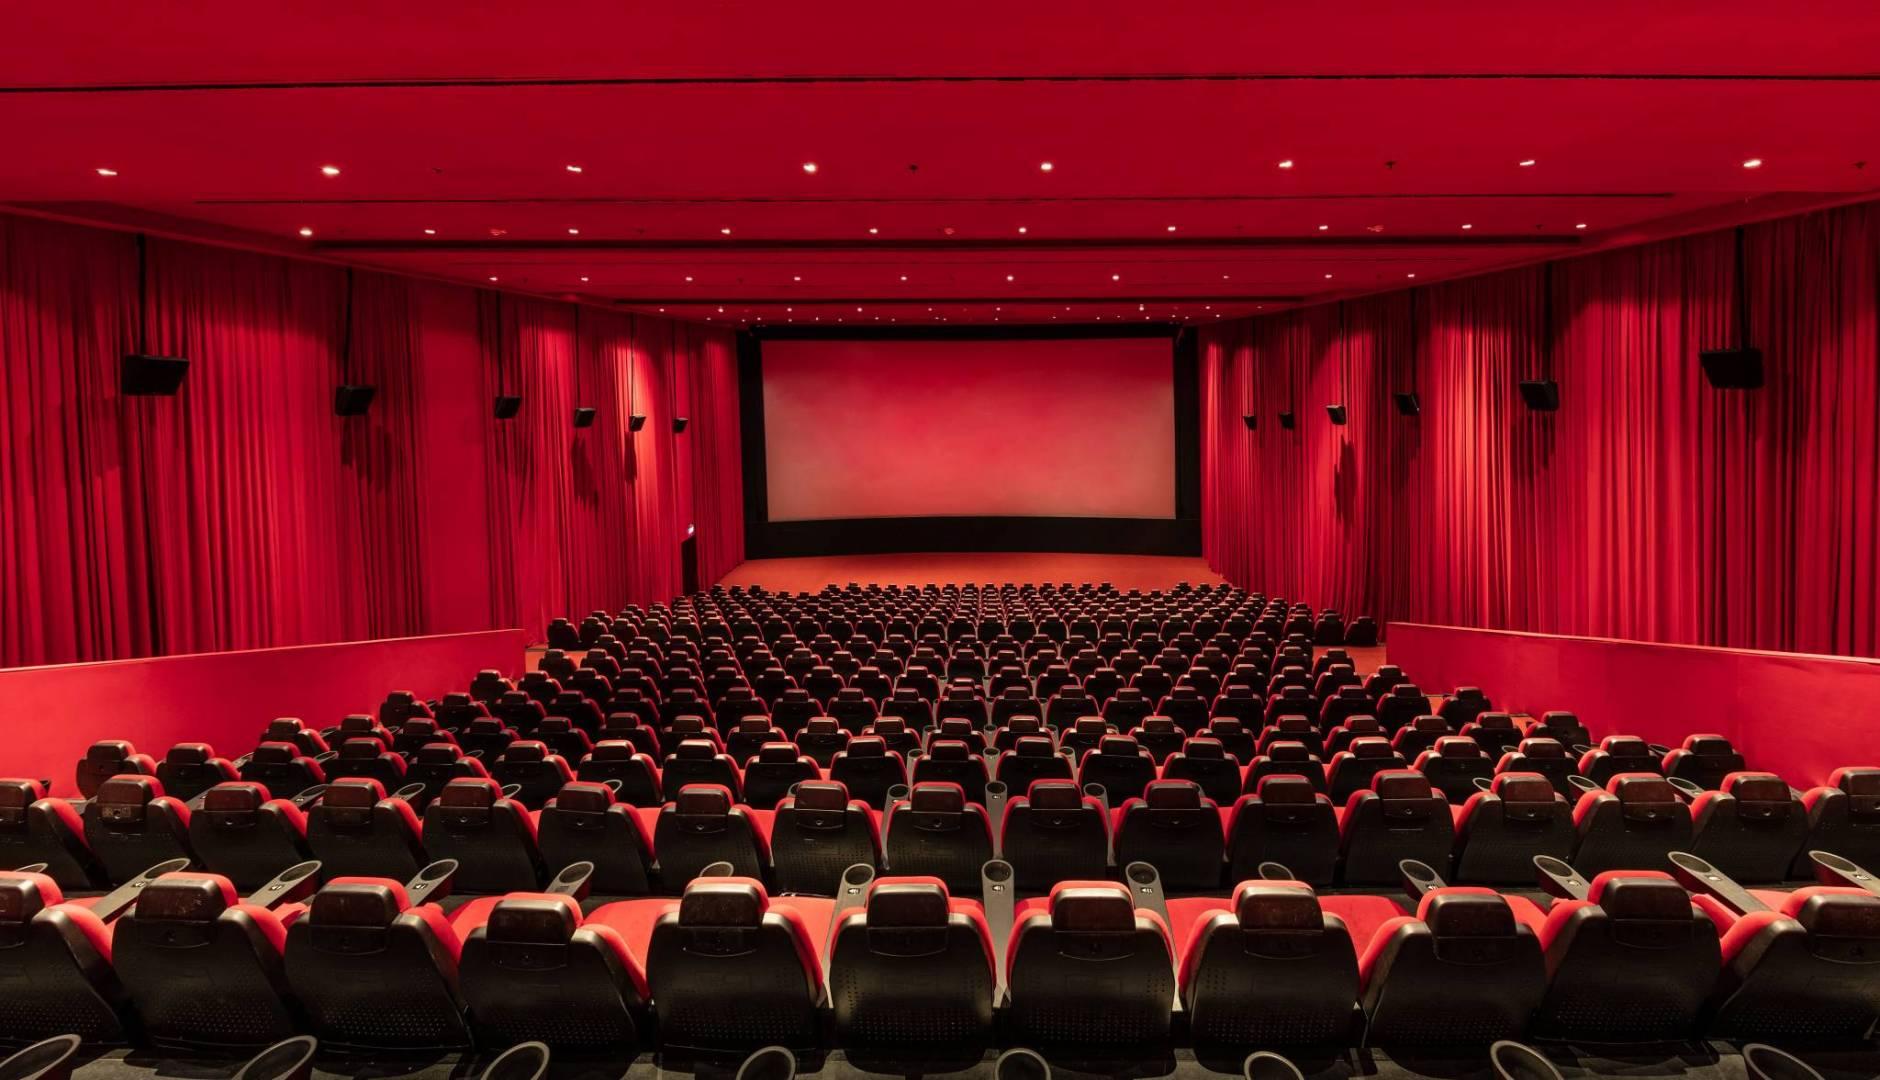 صناعة السينما انهارت خلال وباء كورونا